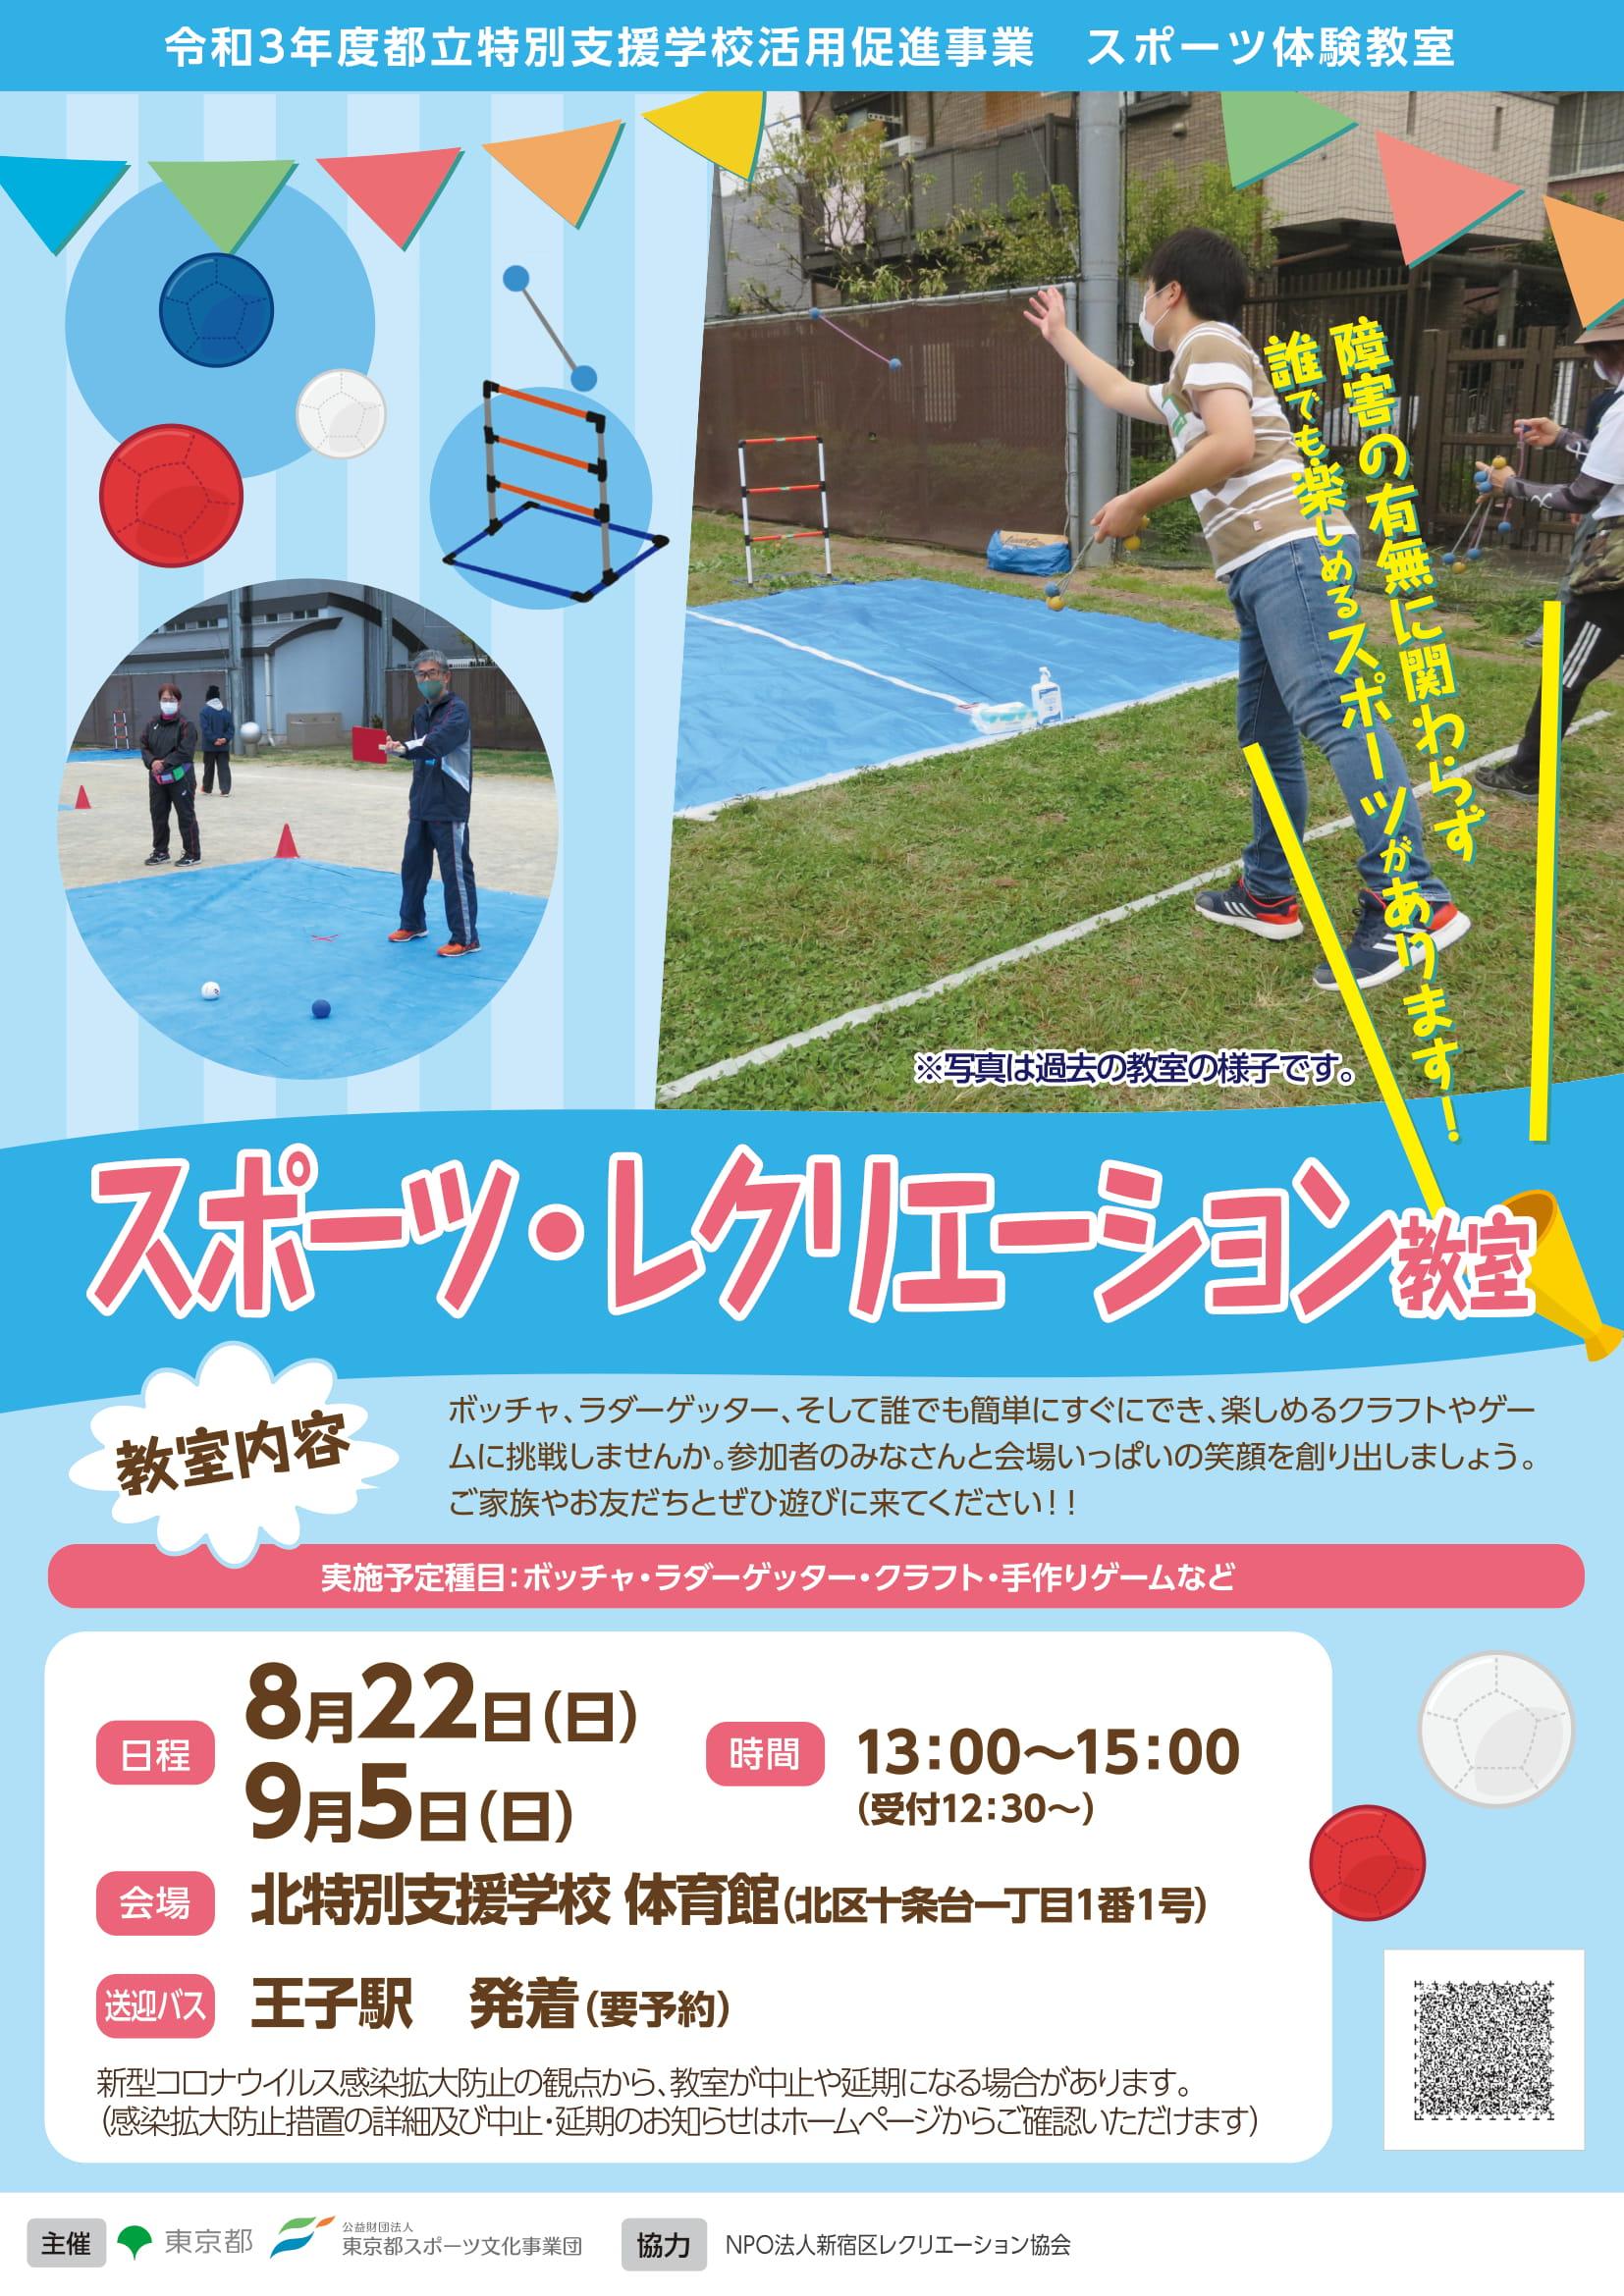 スポーツ・レクリエーション教室 【北区】